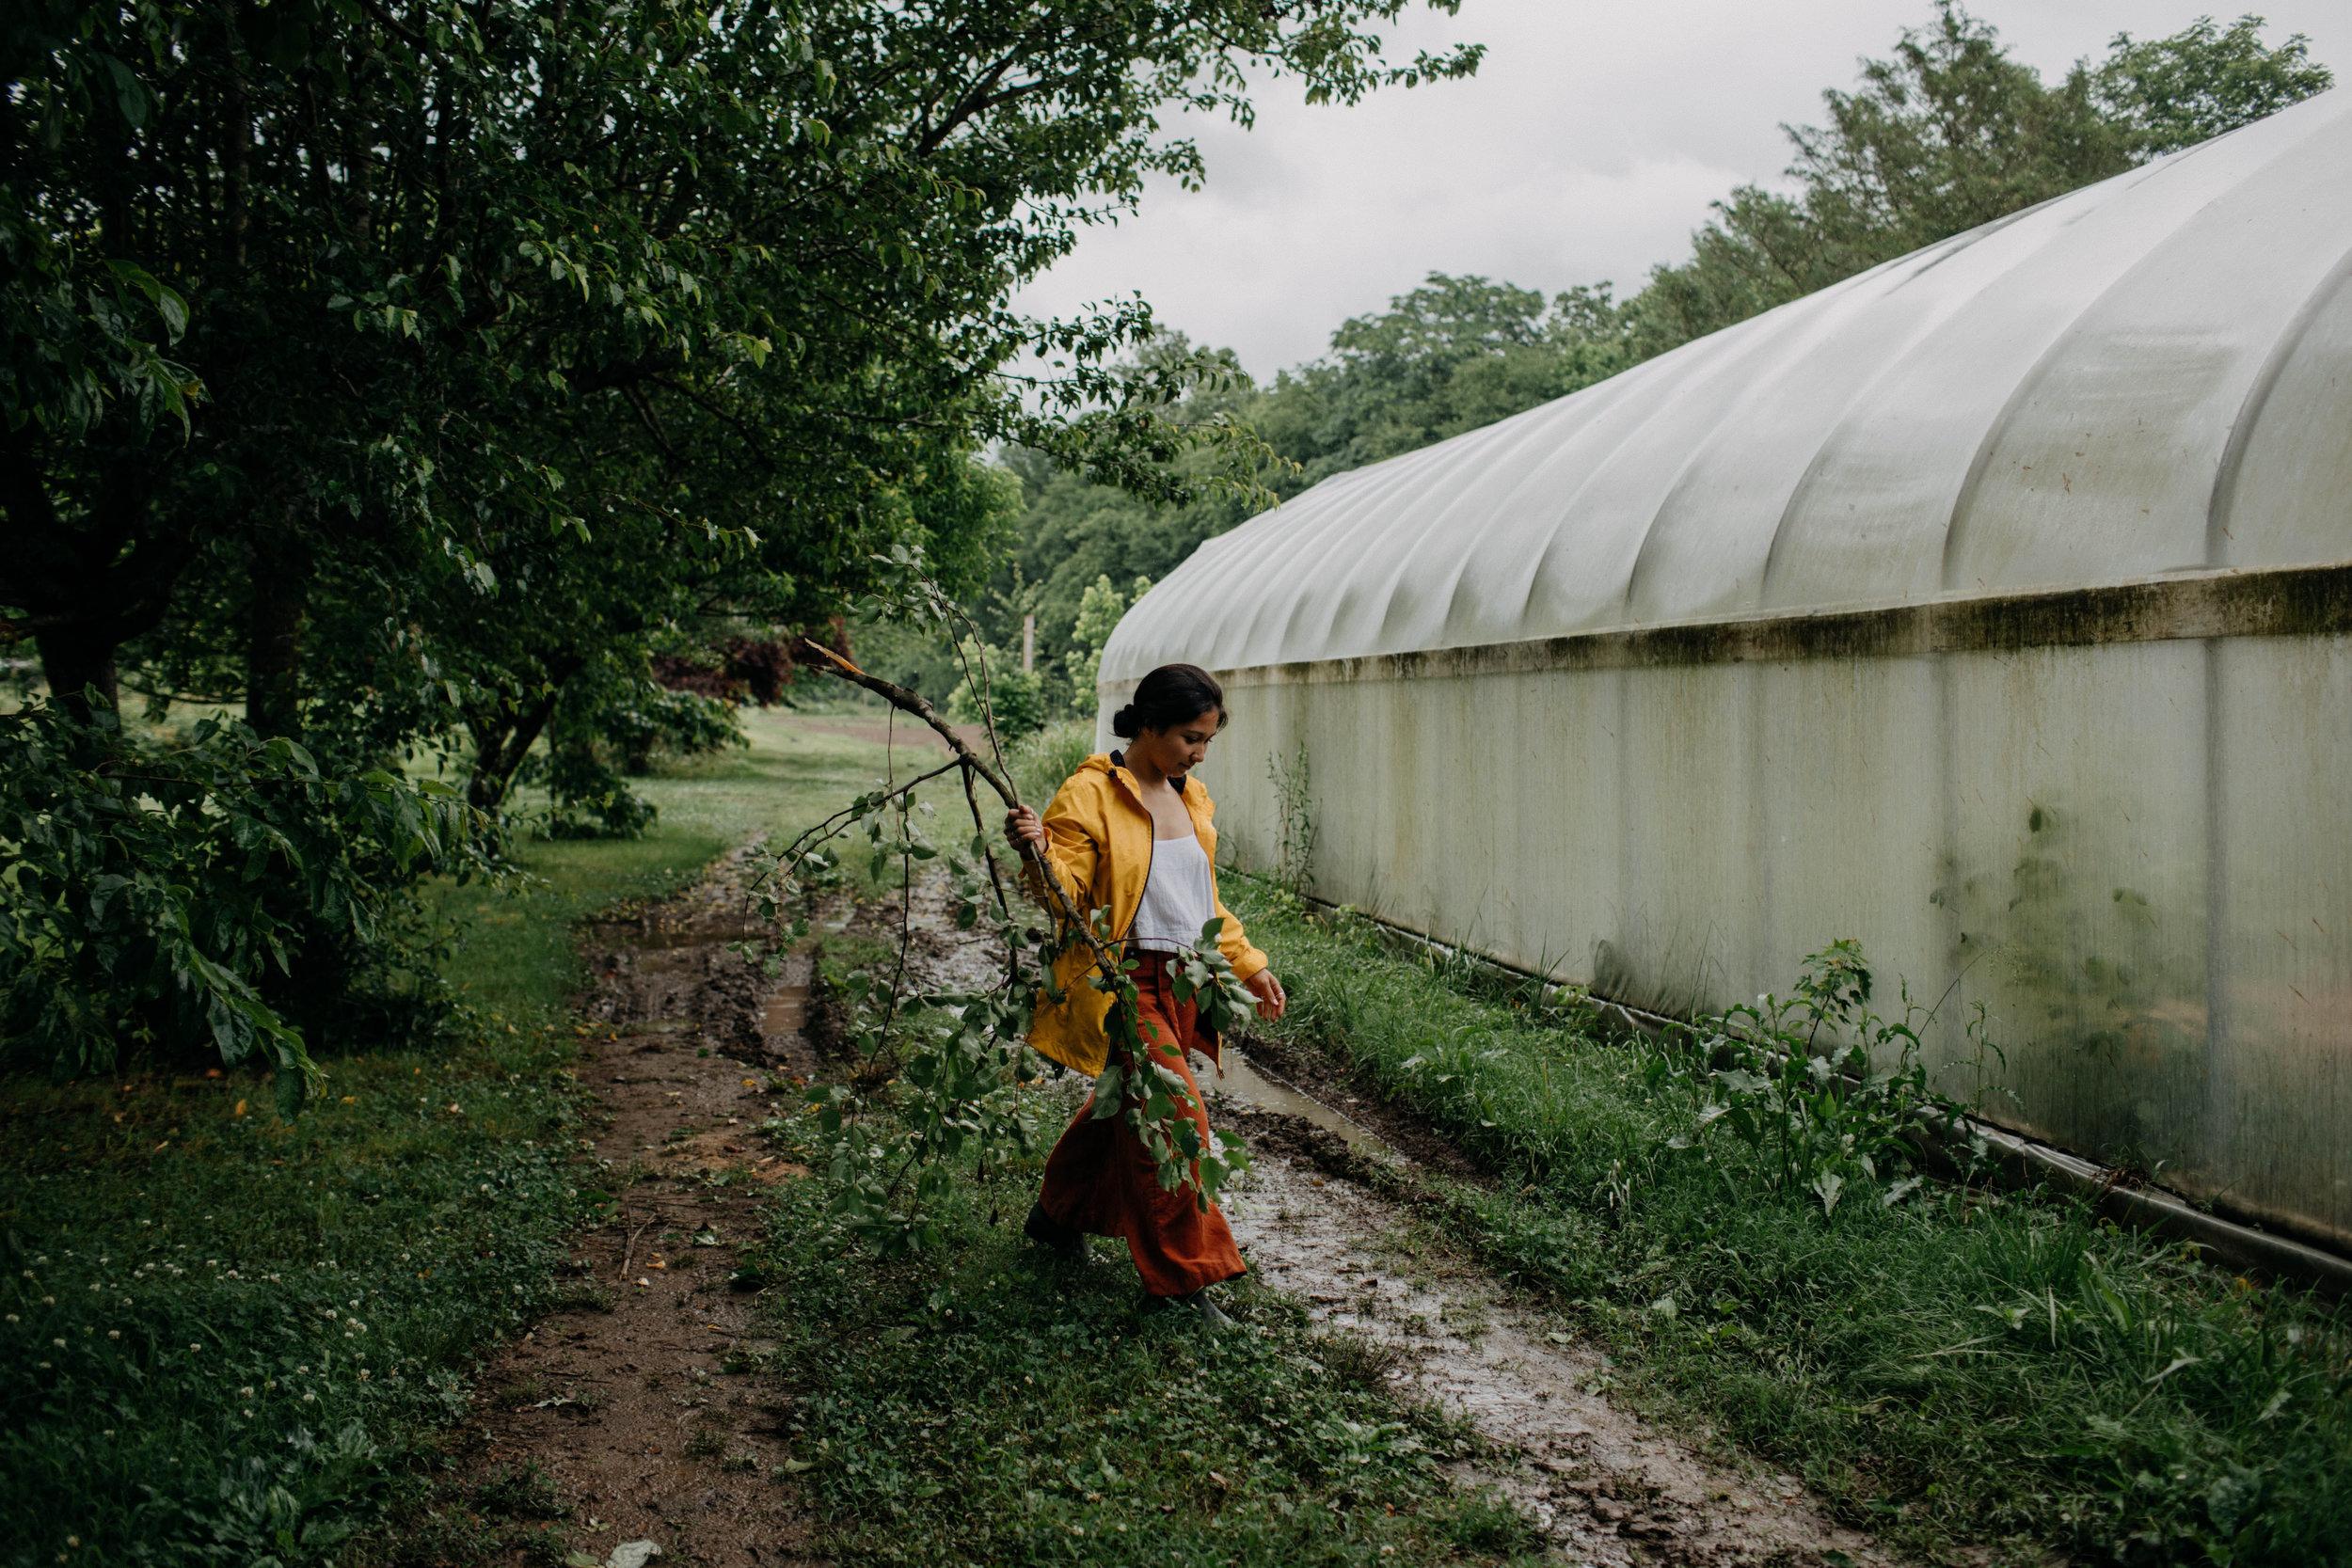 nashville floral workshop nashville tennessee wedding photographer104.jpg